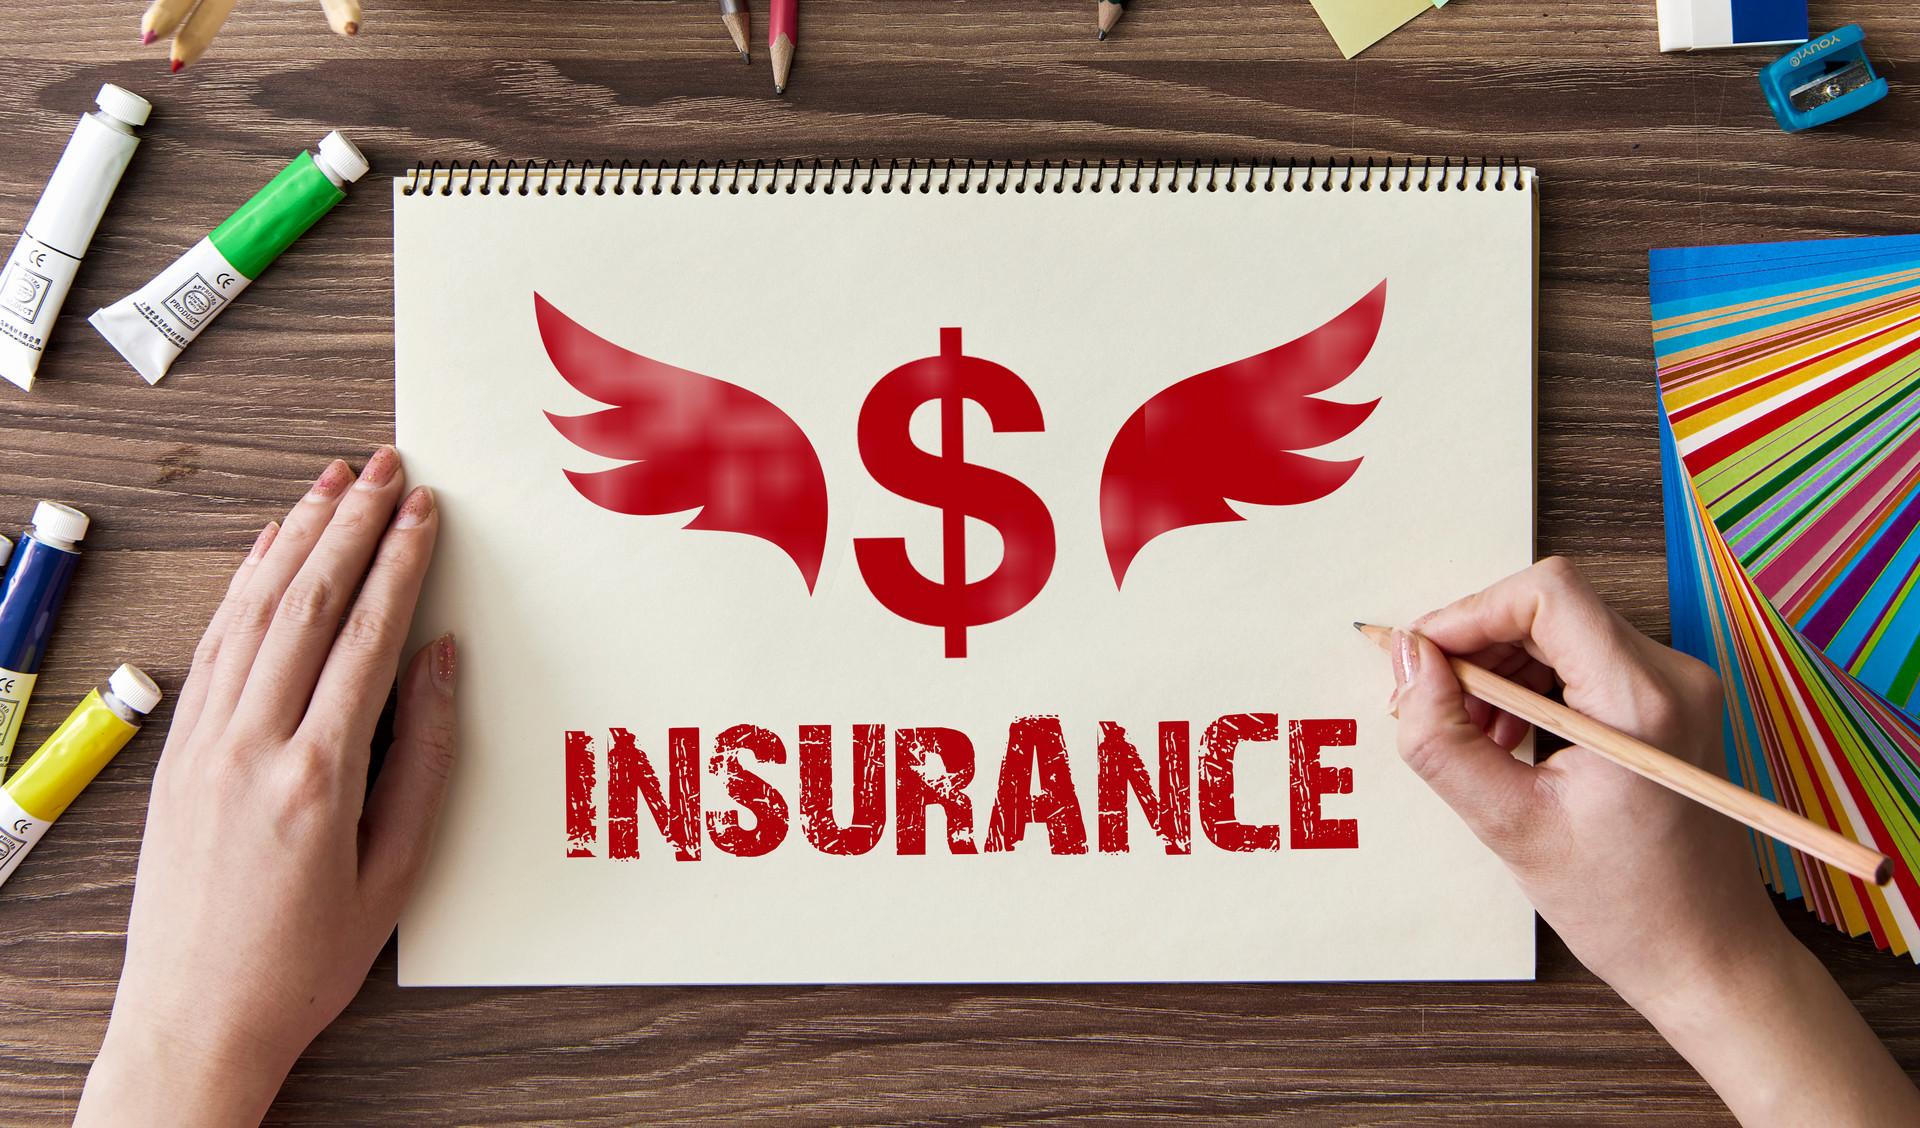 互联网保险理赔方式,网上买保险可靠吗